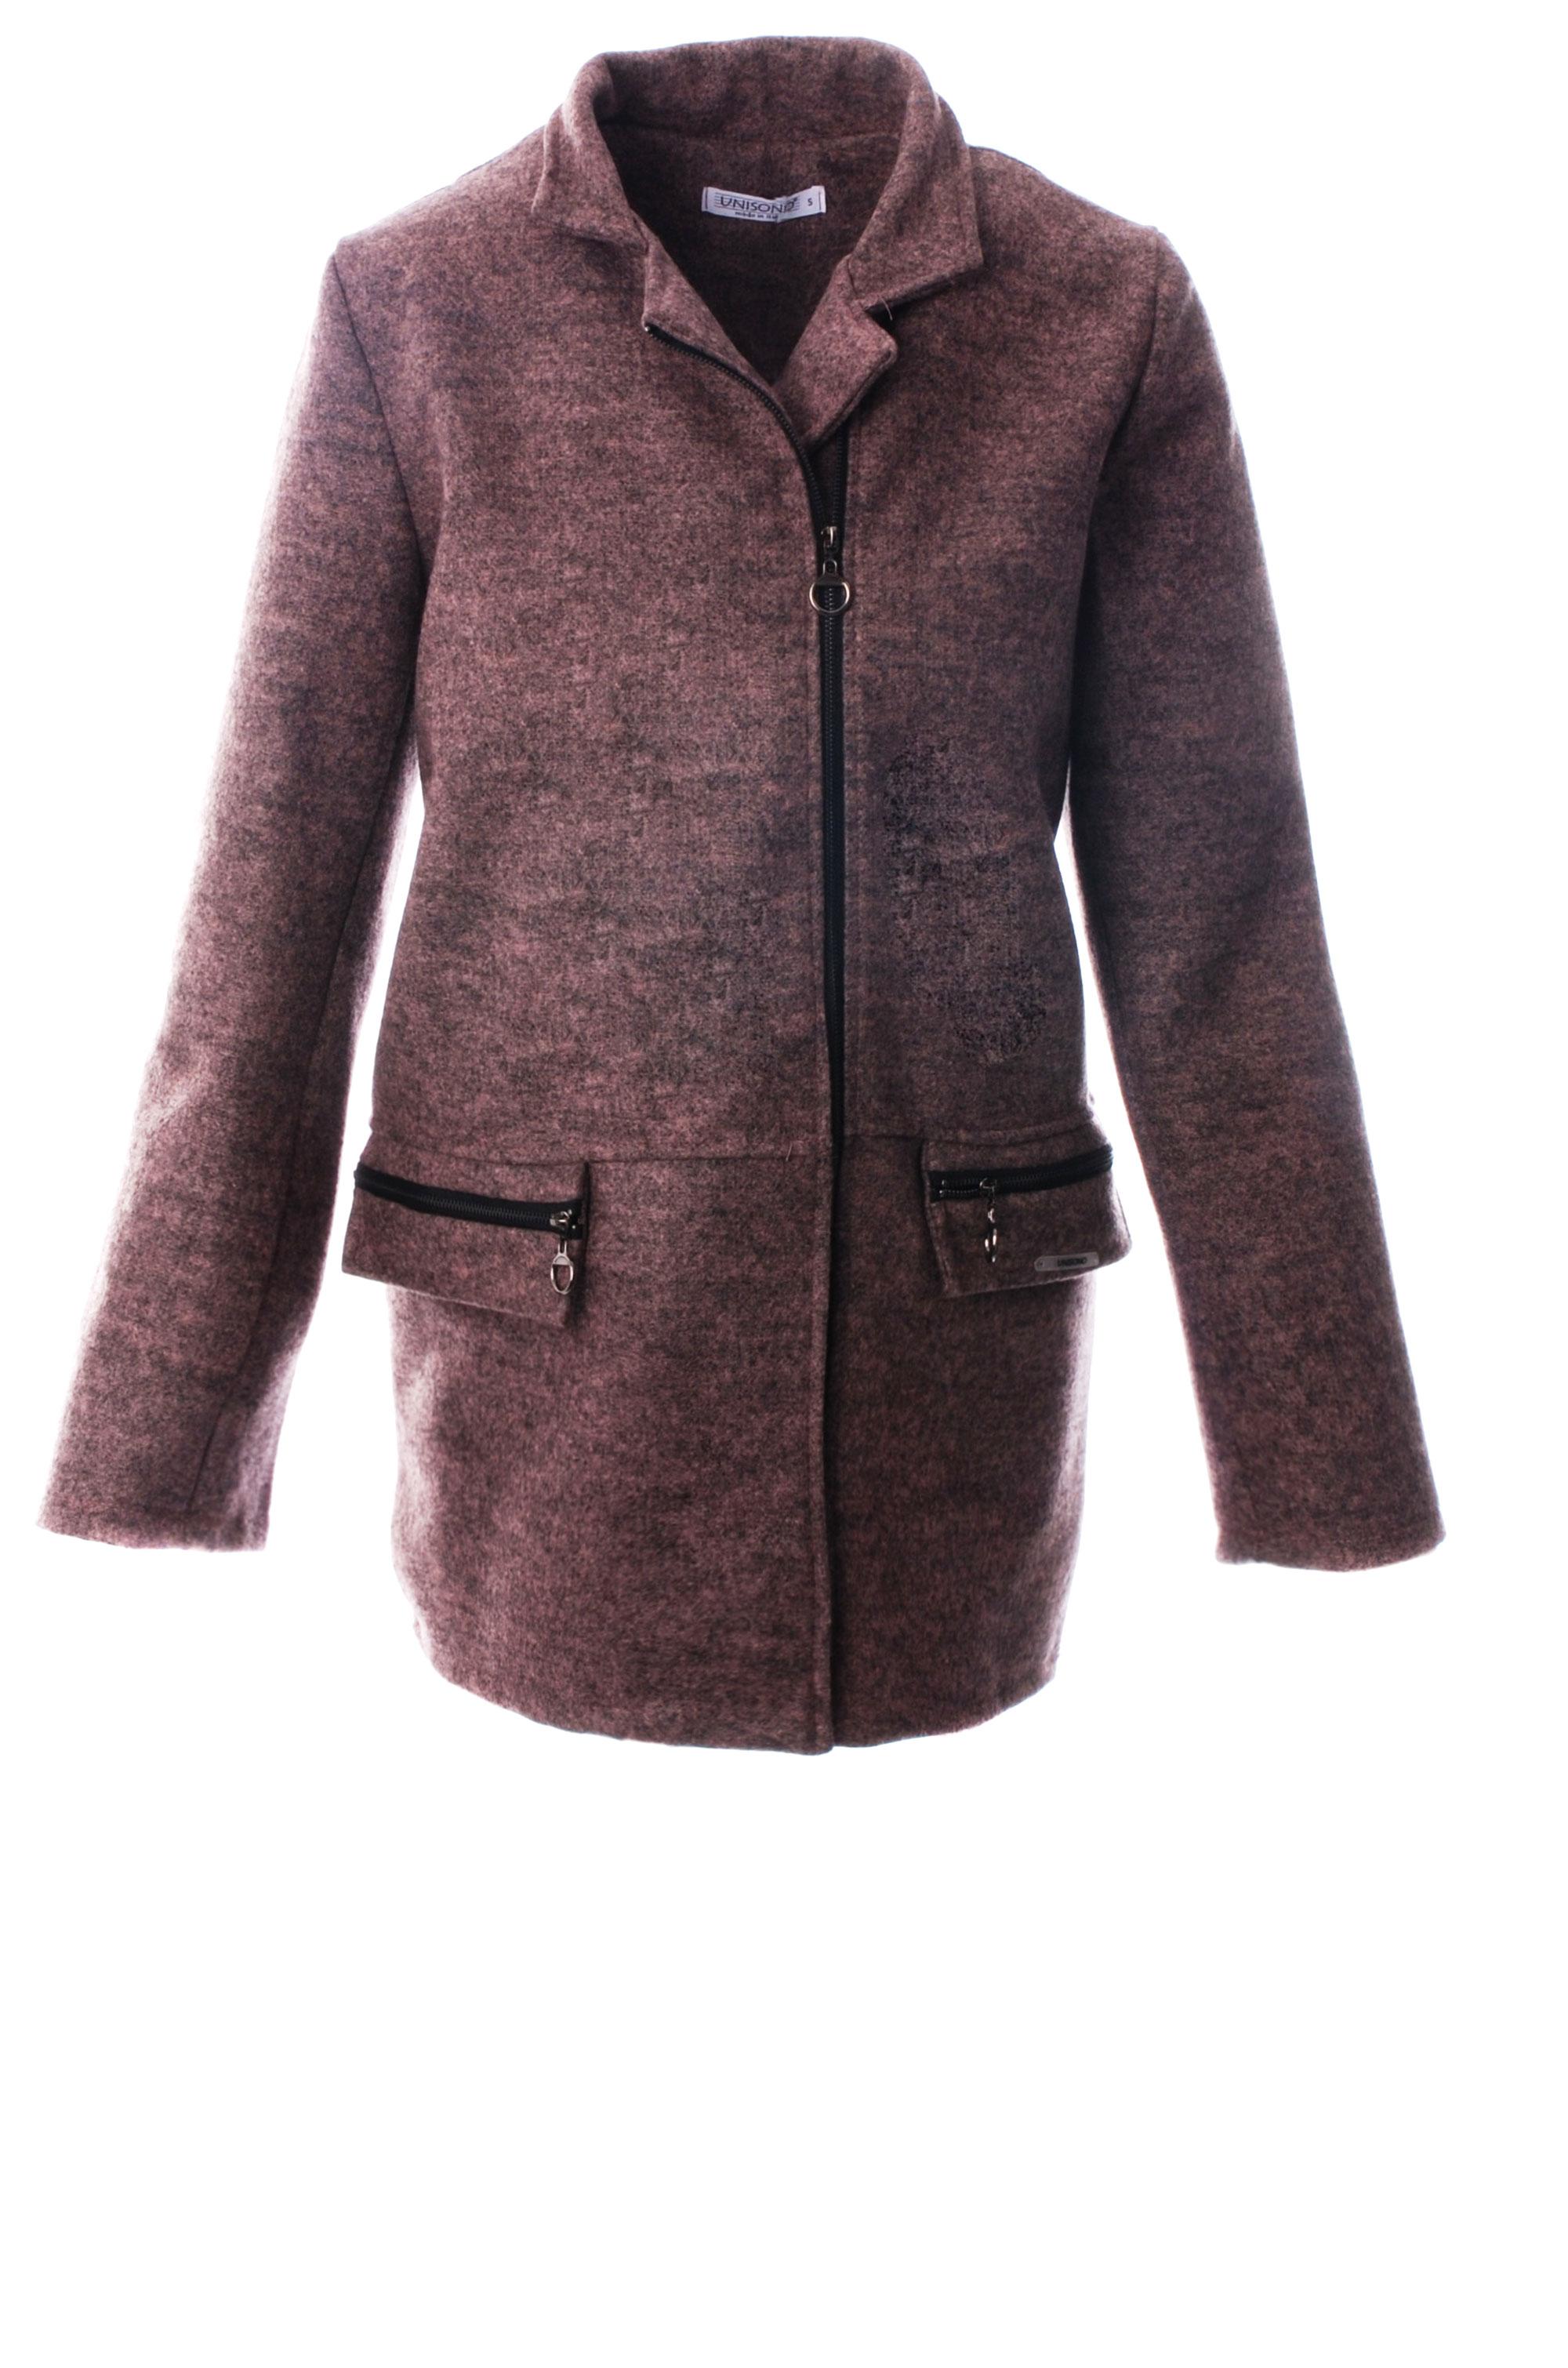 Płaszcz materiałowy - 34-3725 ROSA - Unisono